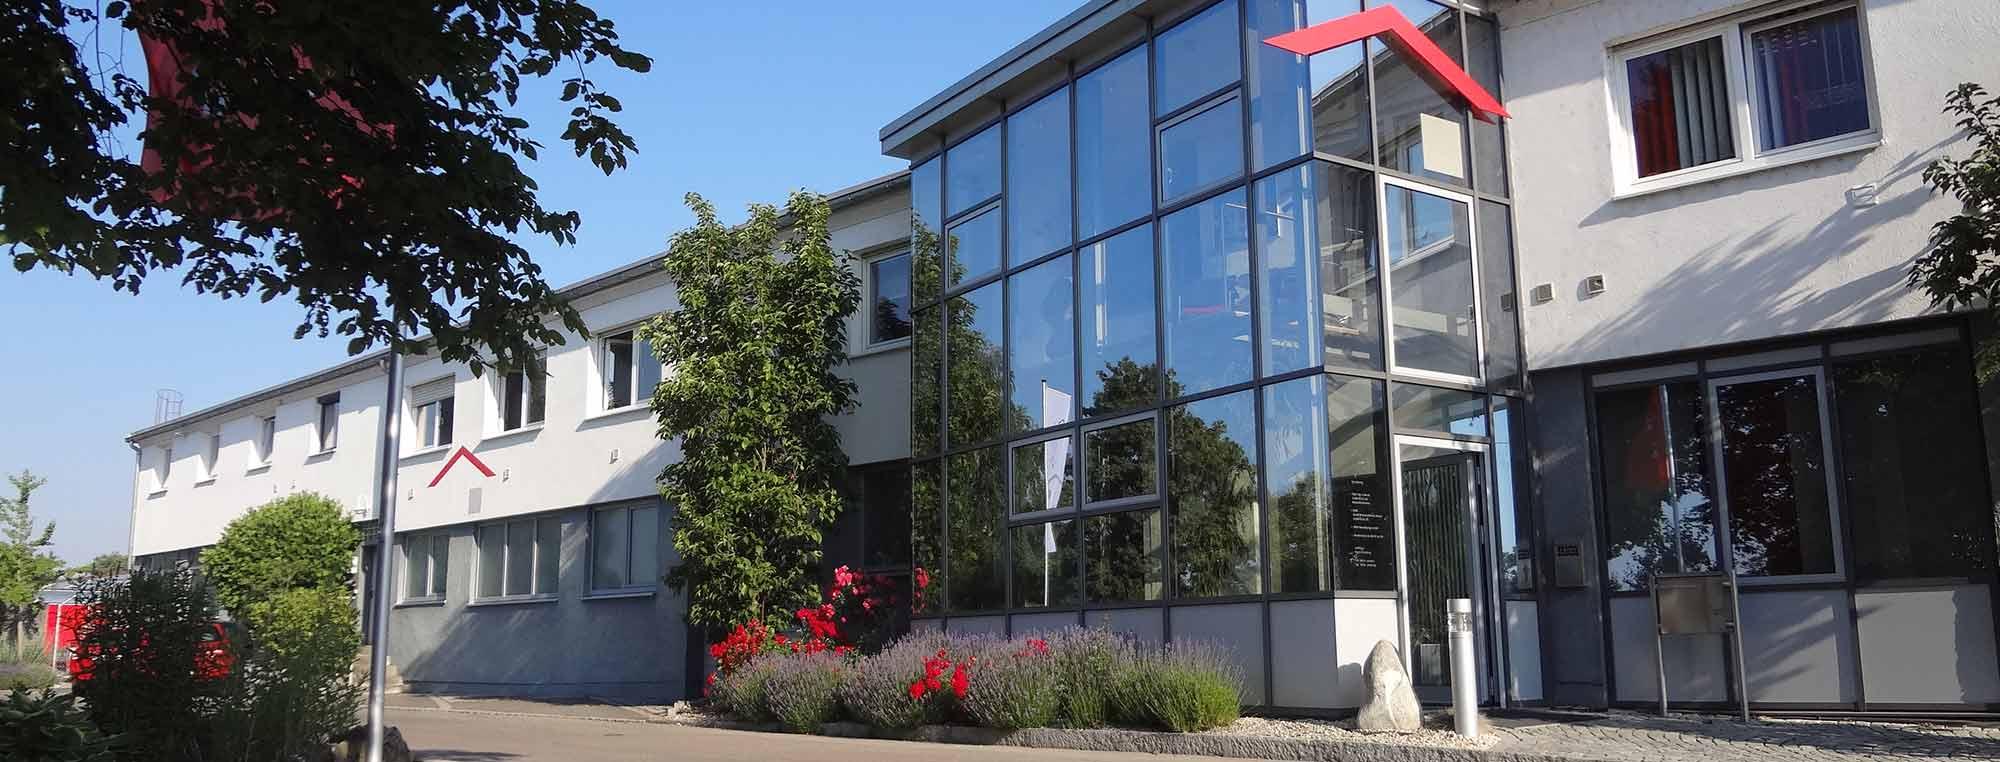 Das Bauunternehmen bendl in Günzburg. Für Sie im Einsatz in Ulm, Augsburg, Krumbach und Heidenheim. Schlüsselfertigbau, Hochbau/Rohbau, Tiefbau, Außenanlagen, Renovierung und Sanierung.